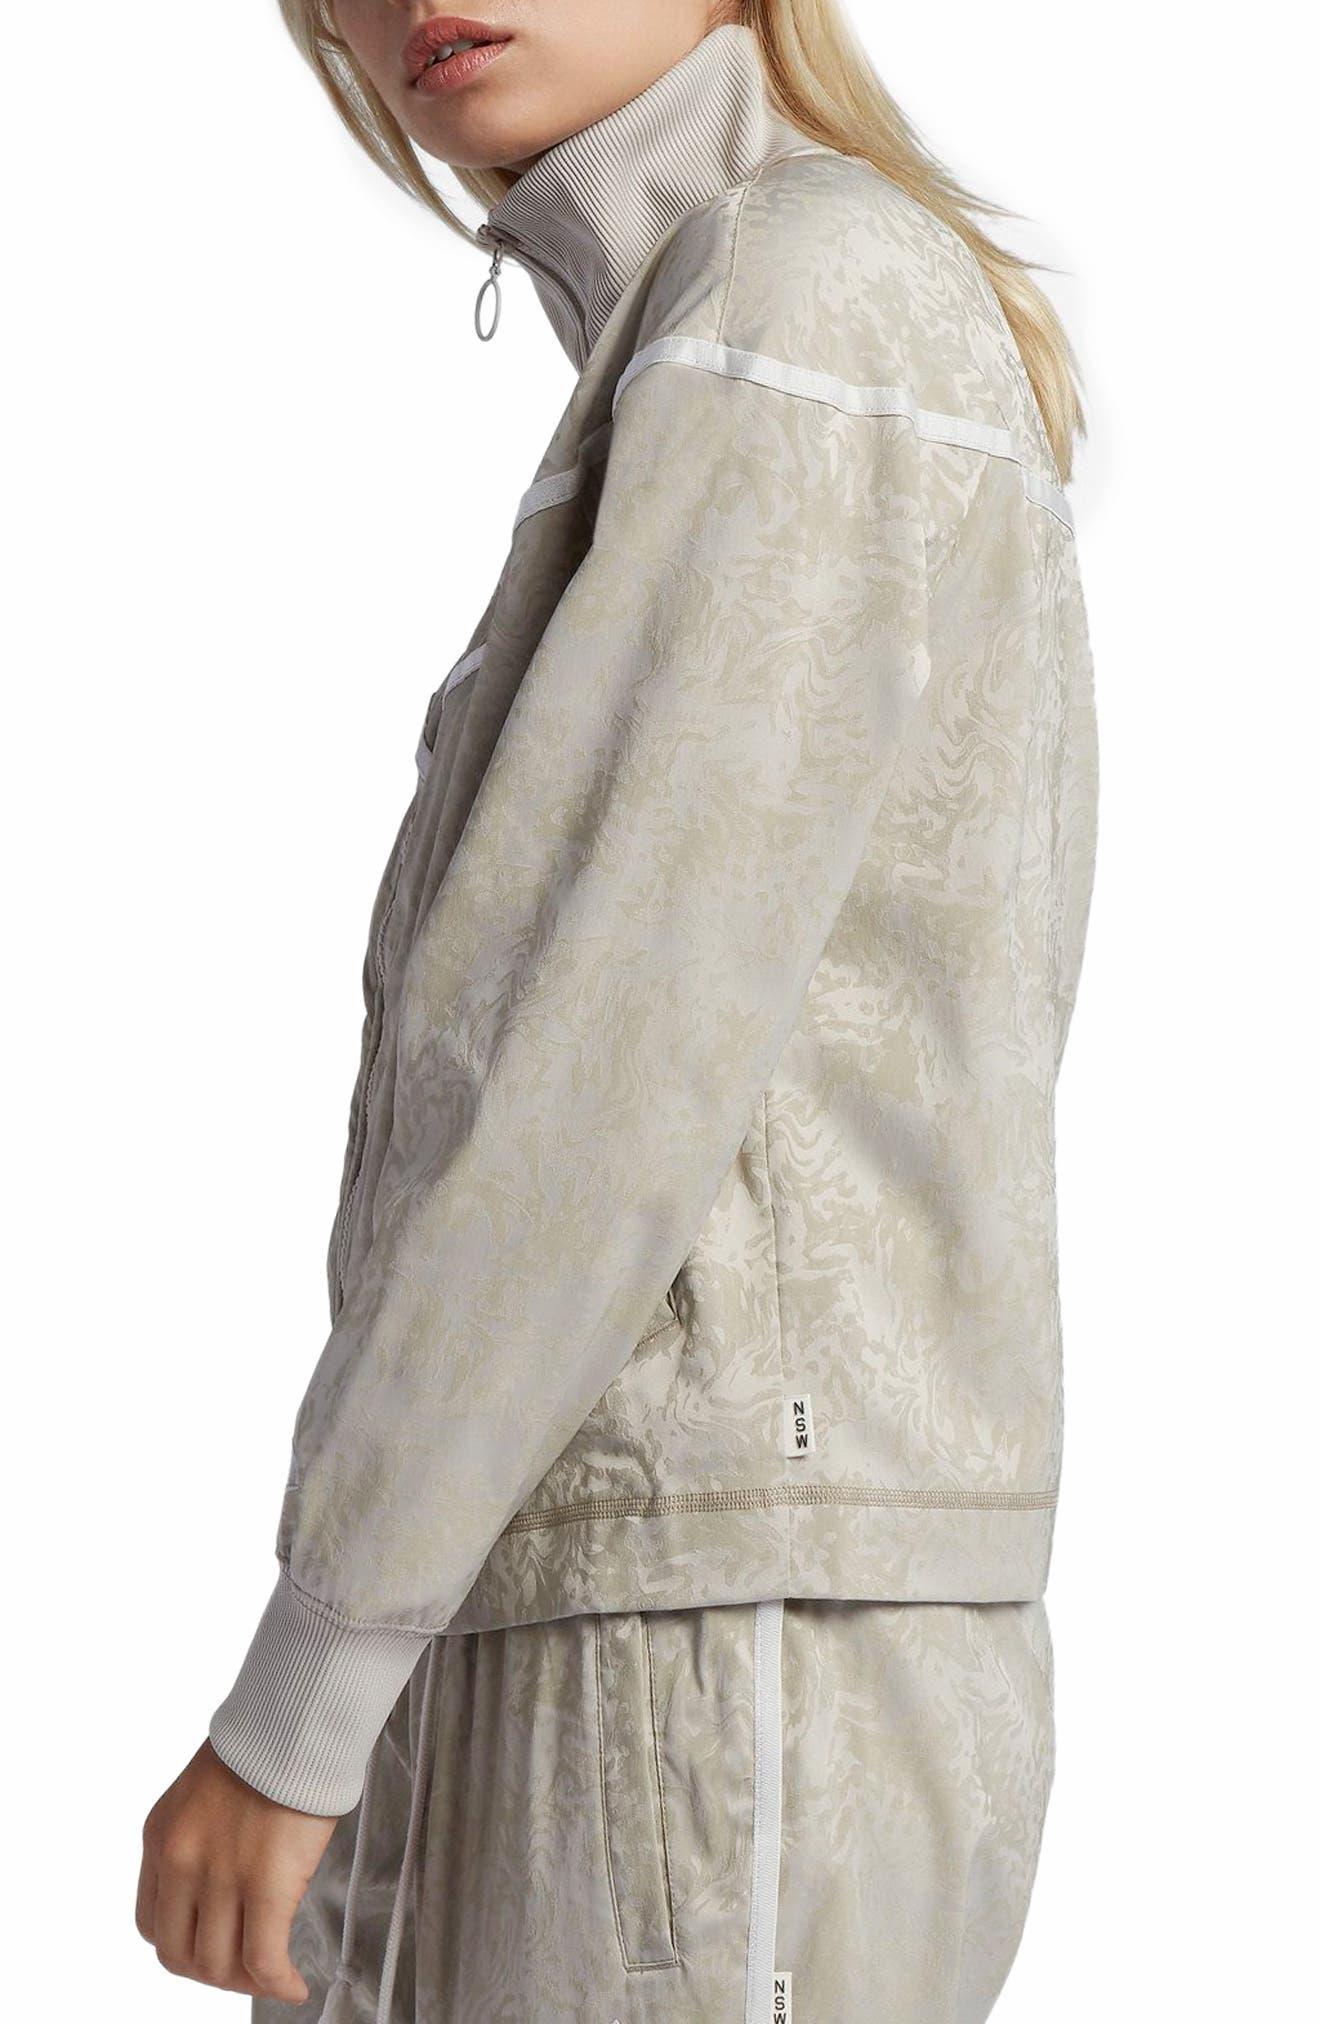 Sportswear NSW Women's Track Jacket,                             Alternate thumbnail 3, color,                             201